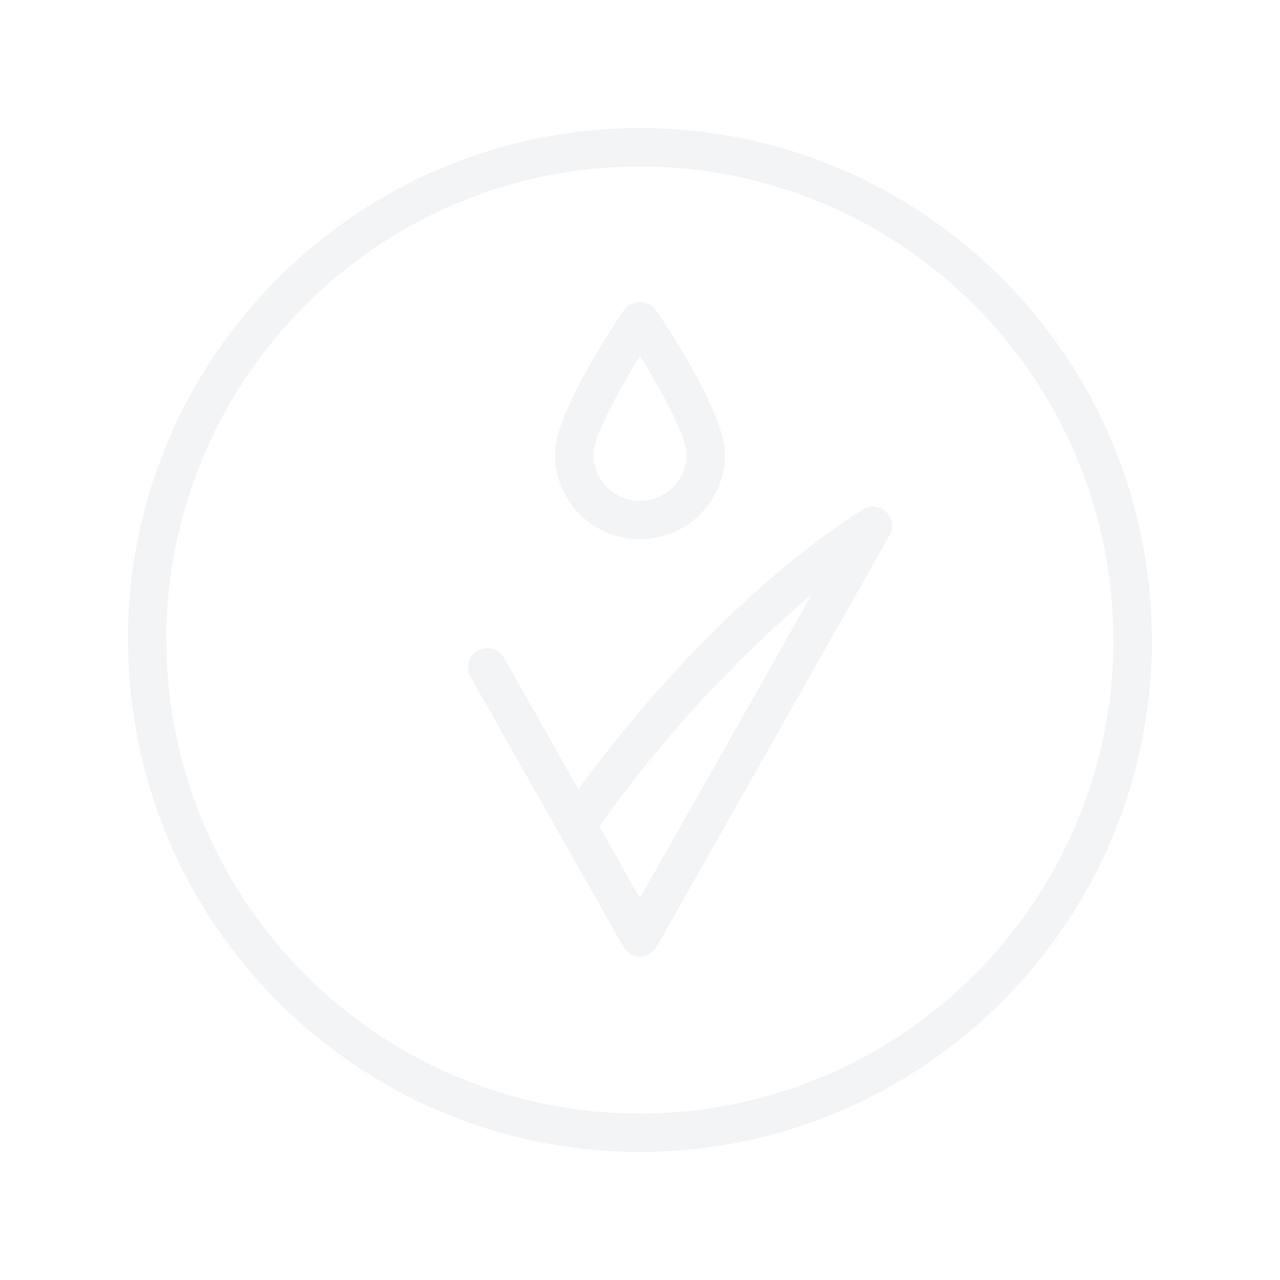 MINIGOLD Lovemark Chic Rose Earring